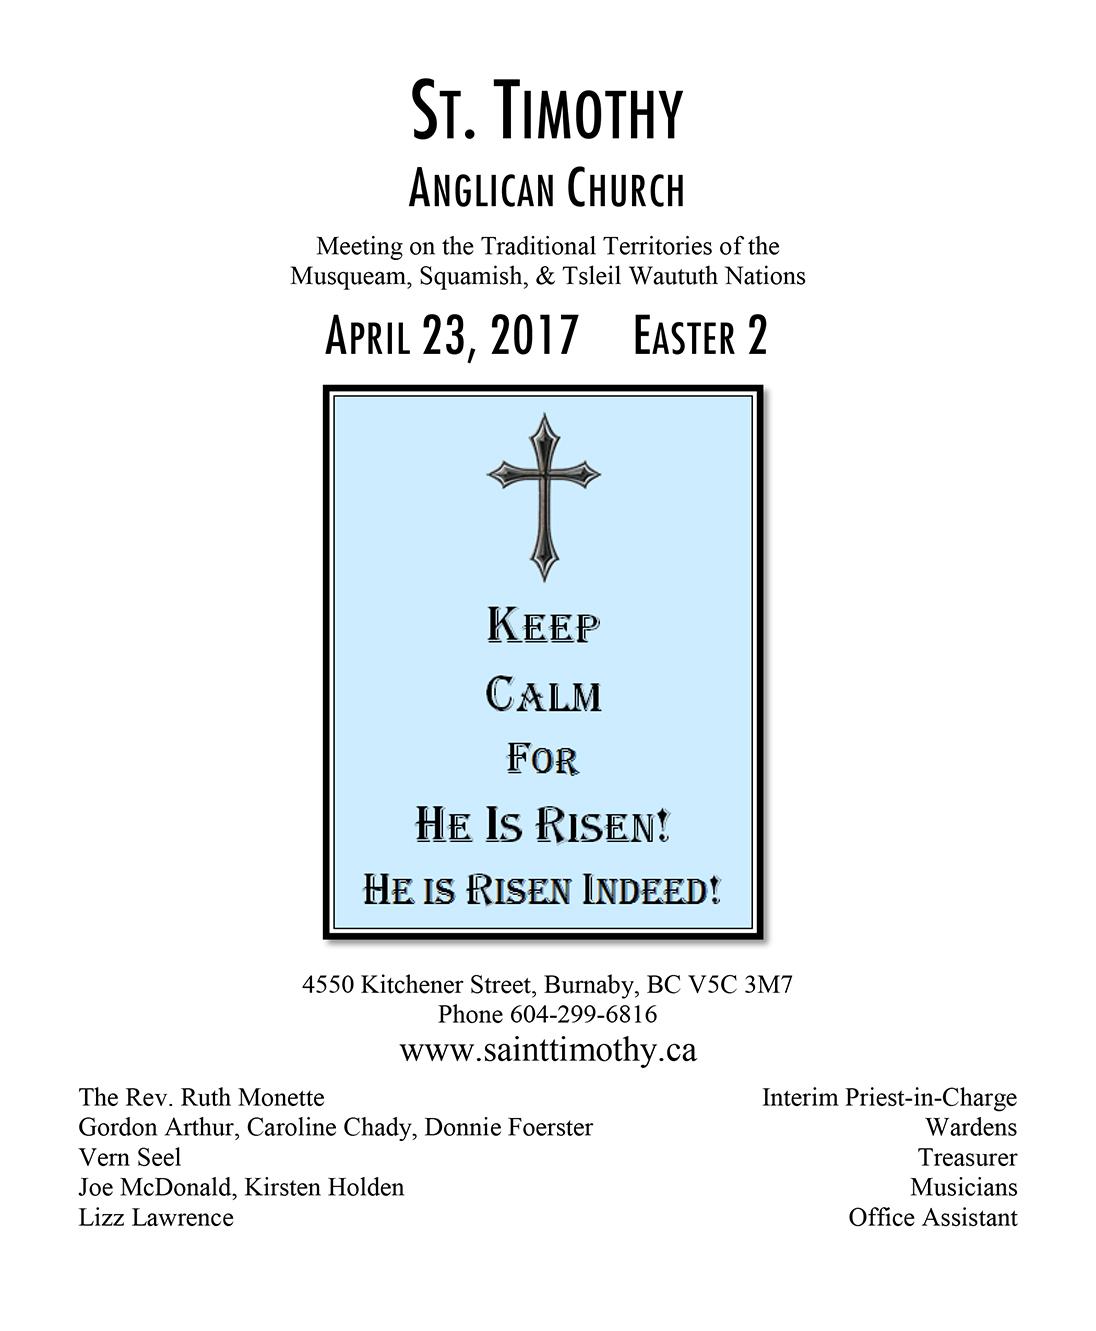 Bulletin: April 23, 2017